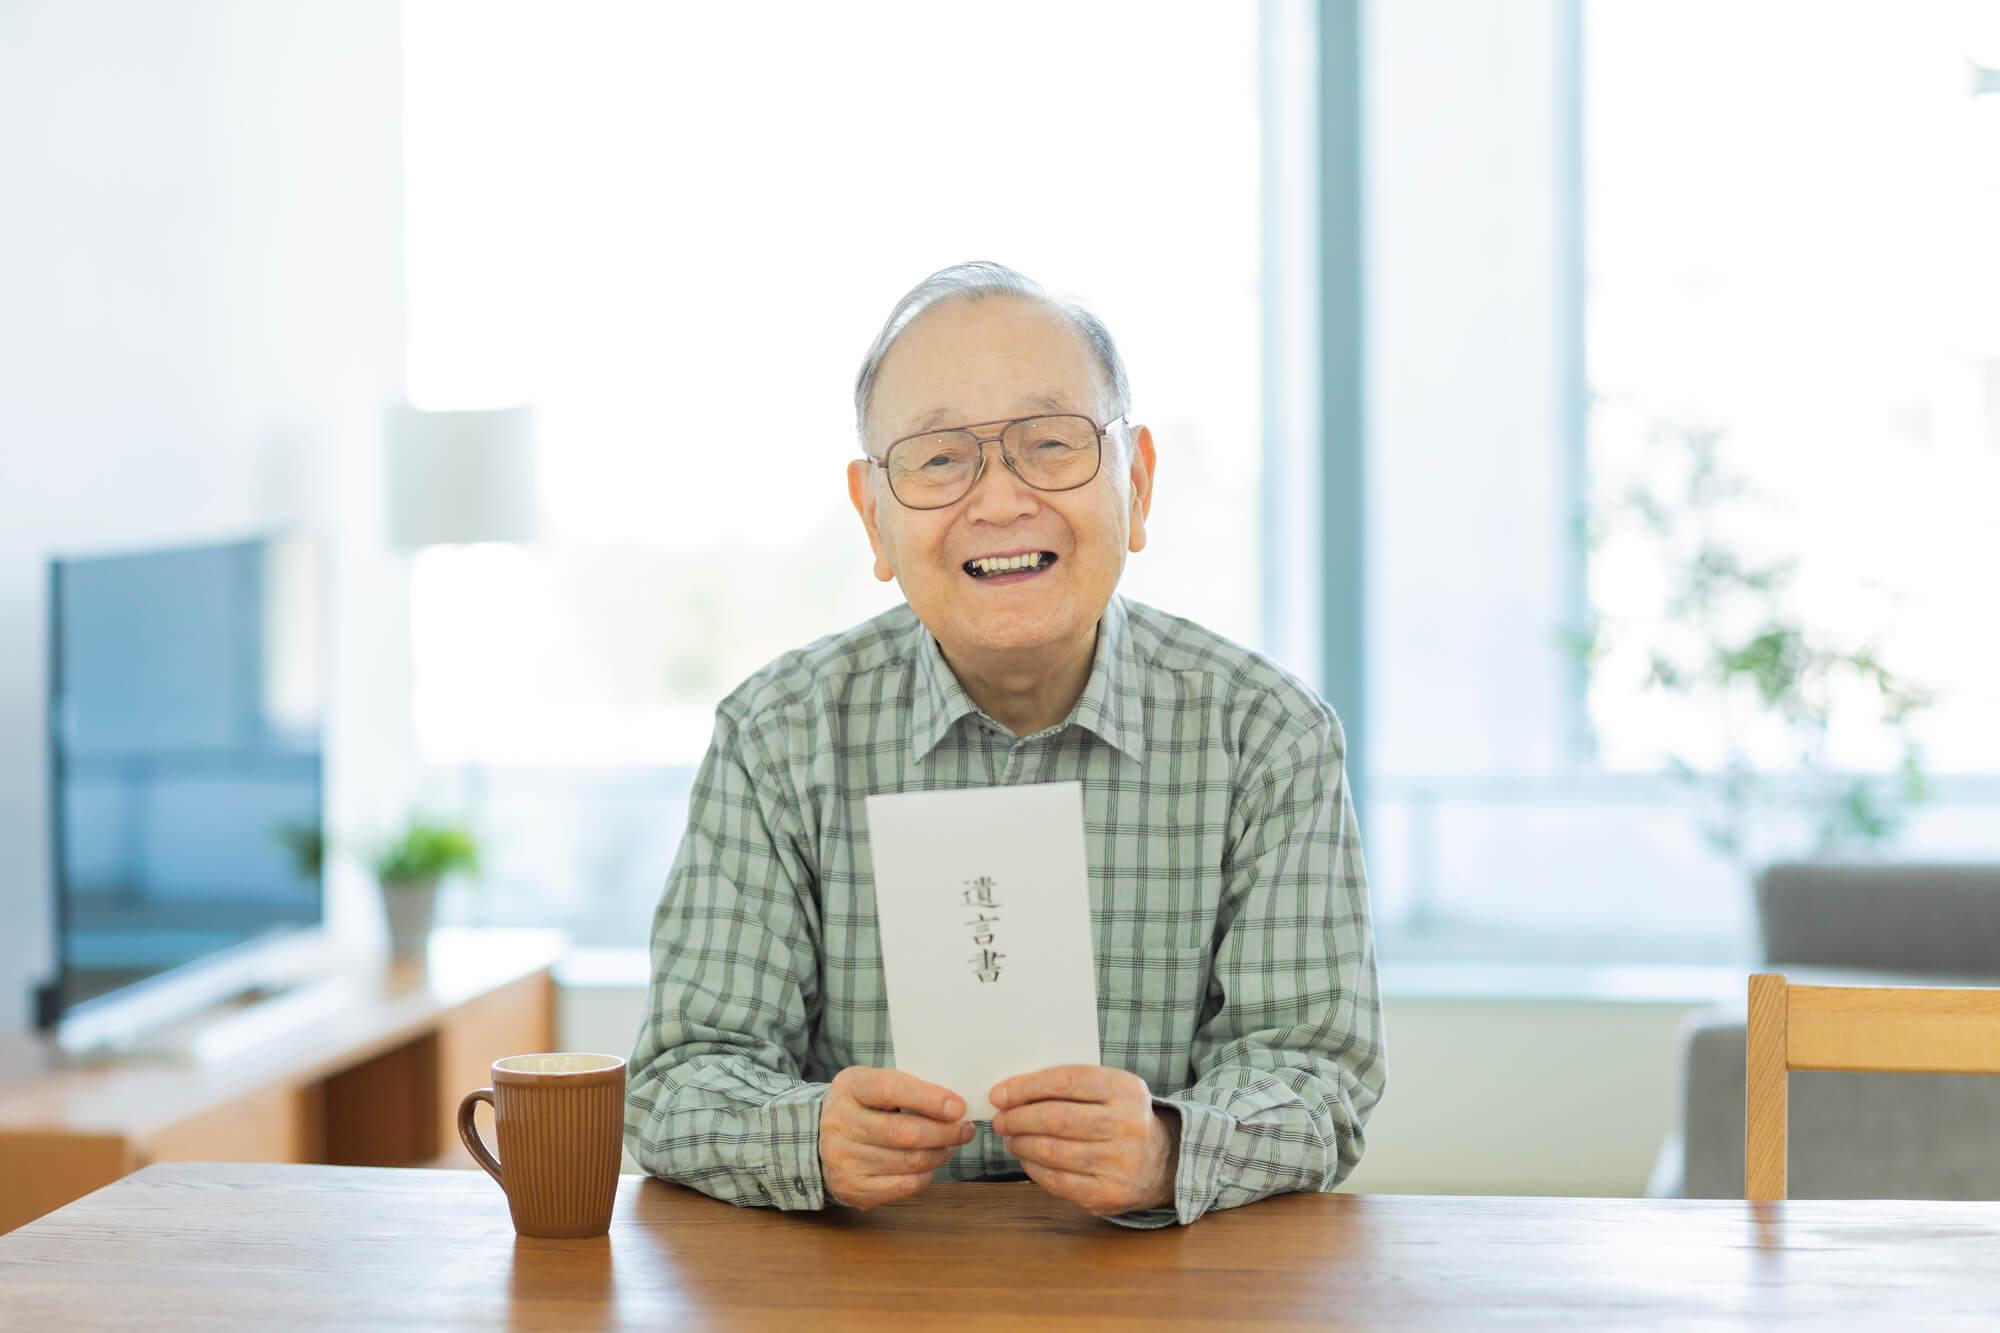 「かえって迷惑な遺言書」の事例や注意点を解説 - 相続オナヤミ相談 花沢事務所